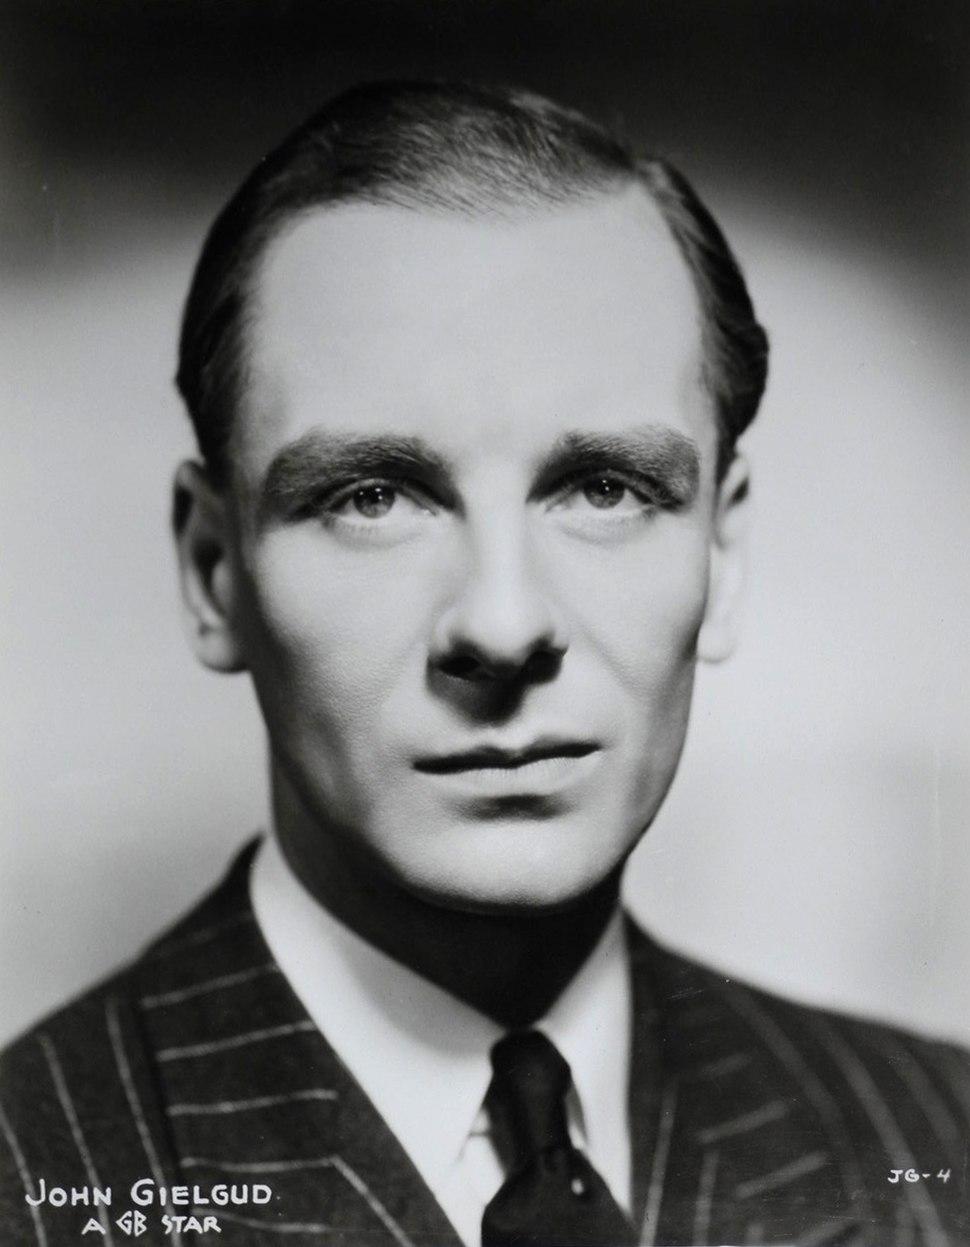 John Gielgud in Secret Agent (1936)